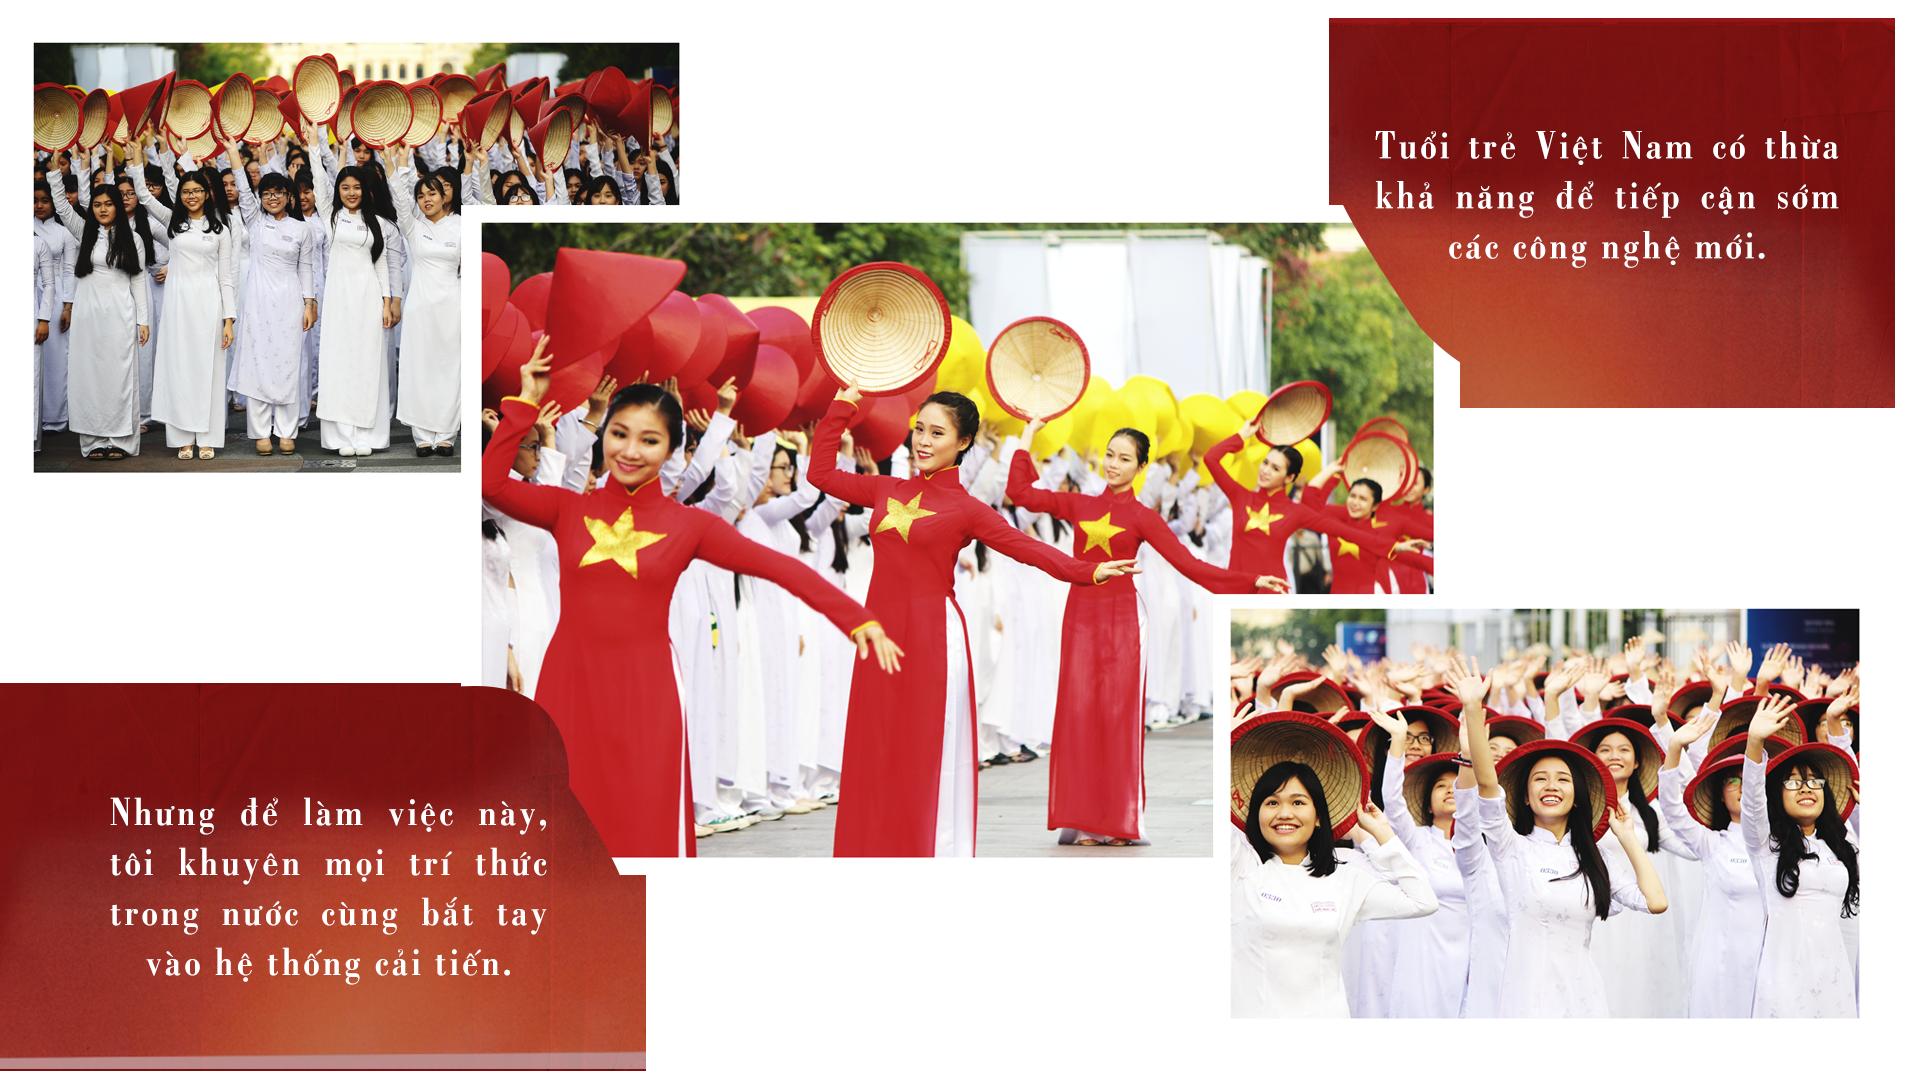 GS Phan Văn Trường hiến kế đột phá sáng tạo và khởi nghiệp - ảnh 8